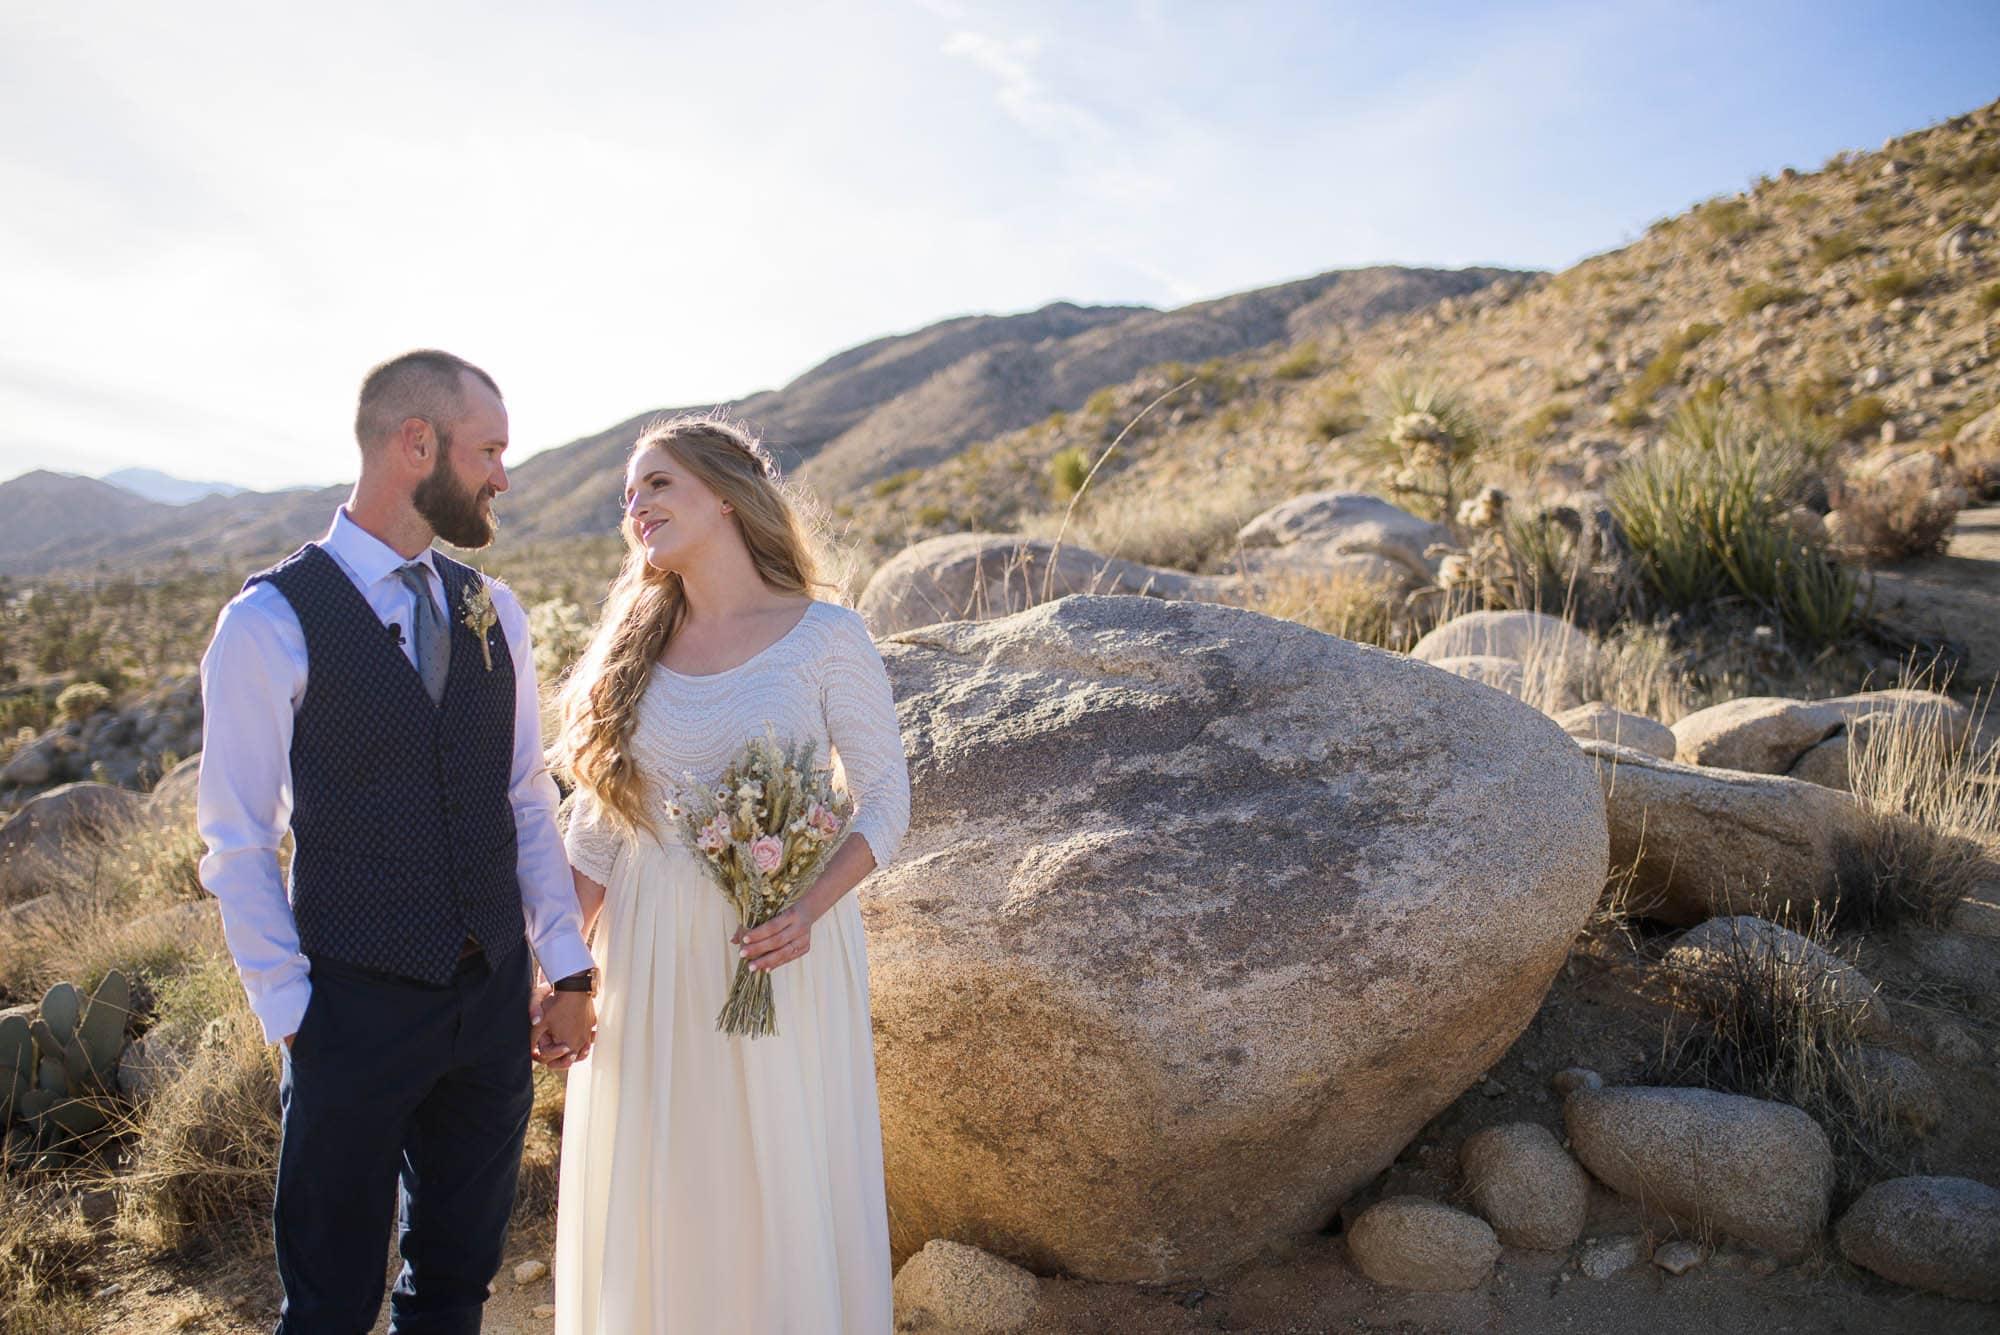 021_Alan_and_Heidi_Wedding_Abby_Tyler